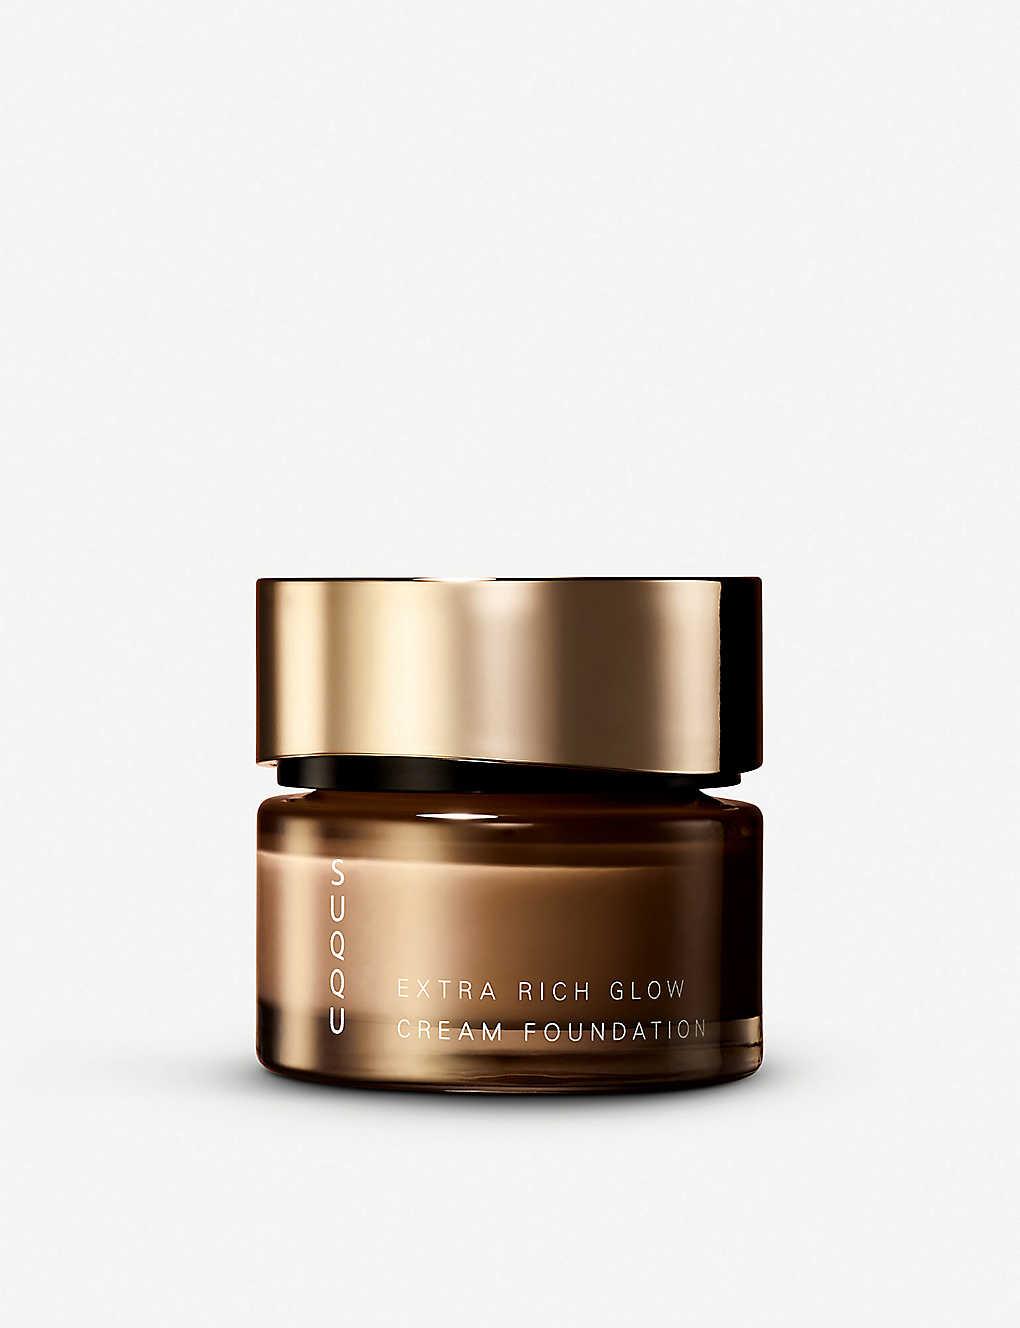 SUQQU: Extra Rich Glow Cream Foundation 30g